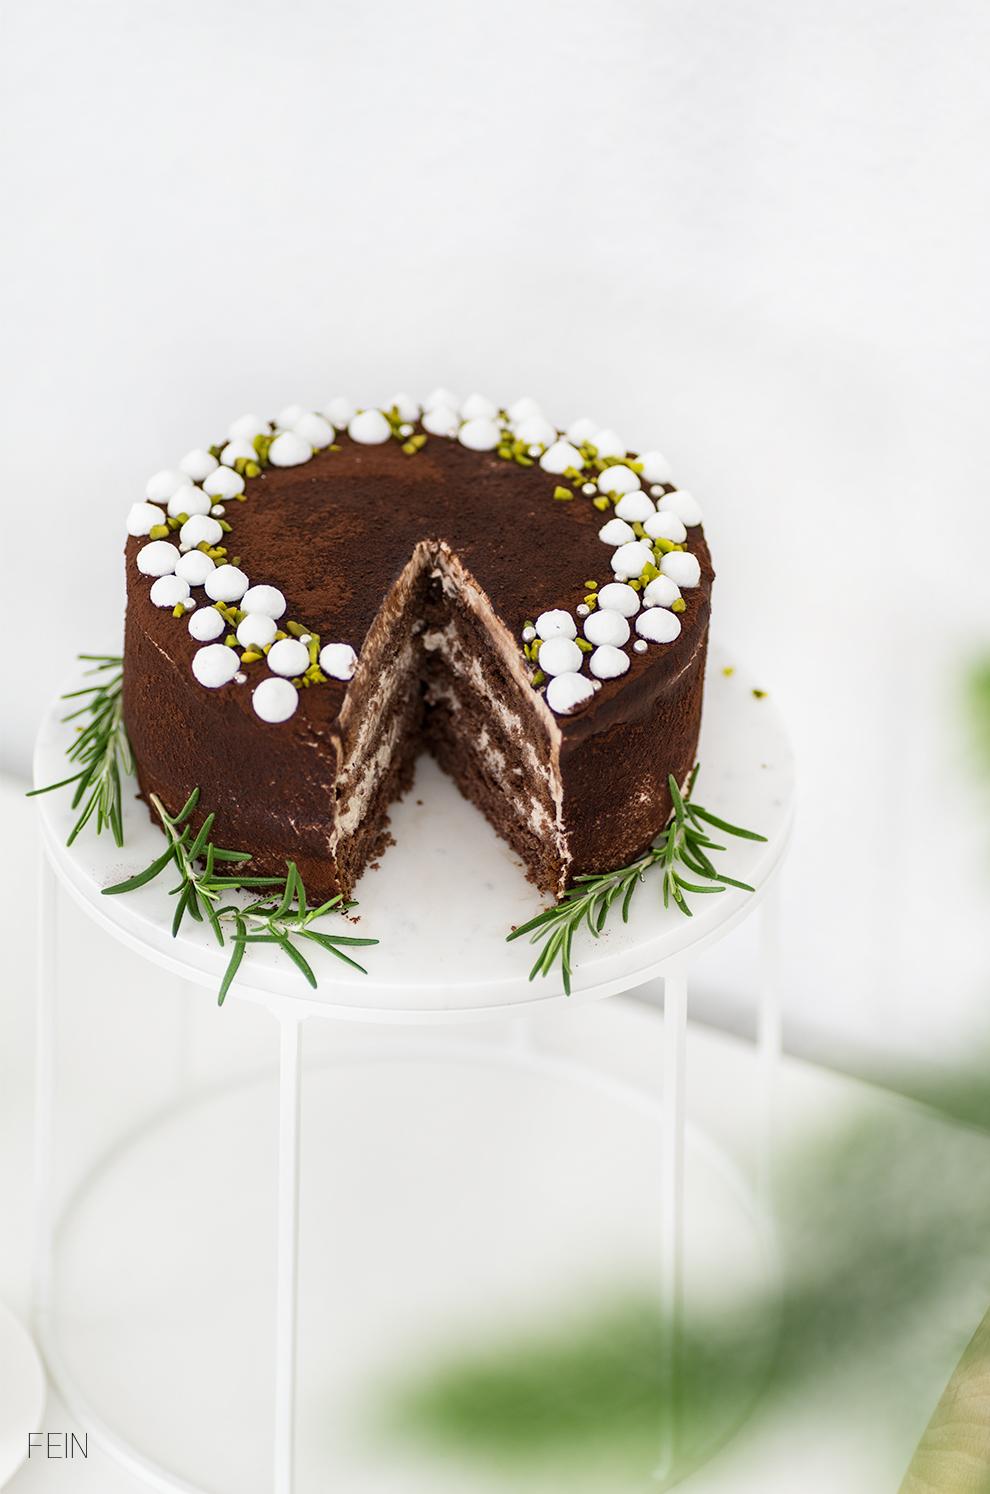 Schoko Biskuit Torte Xmas